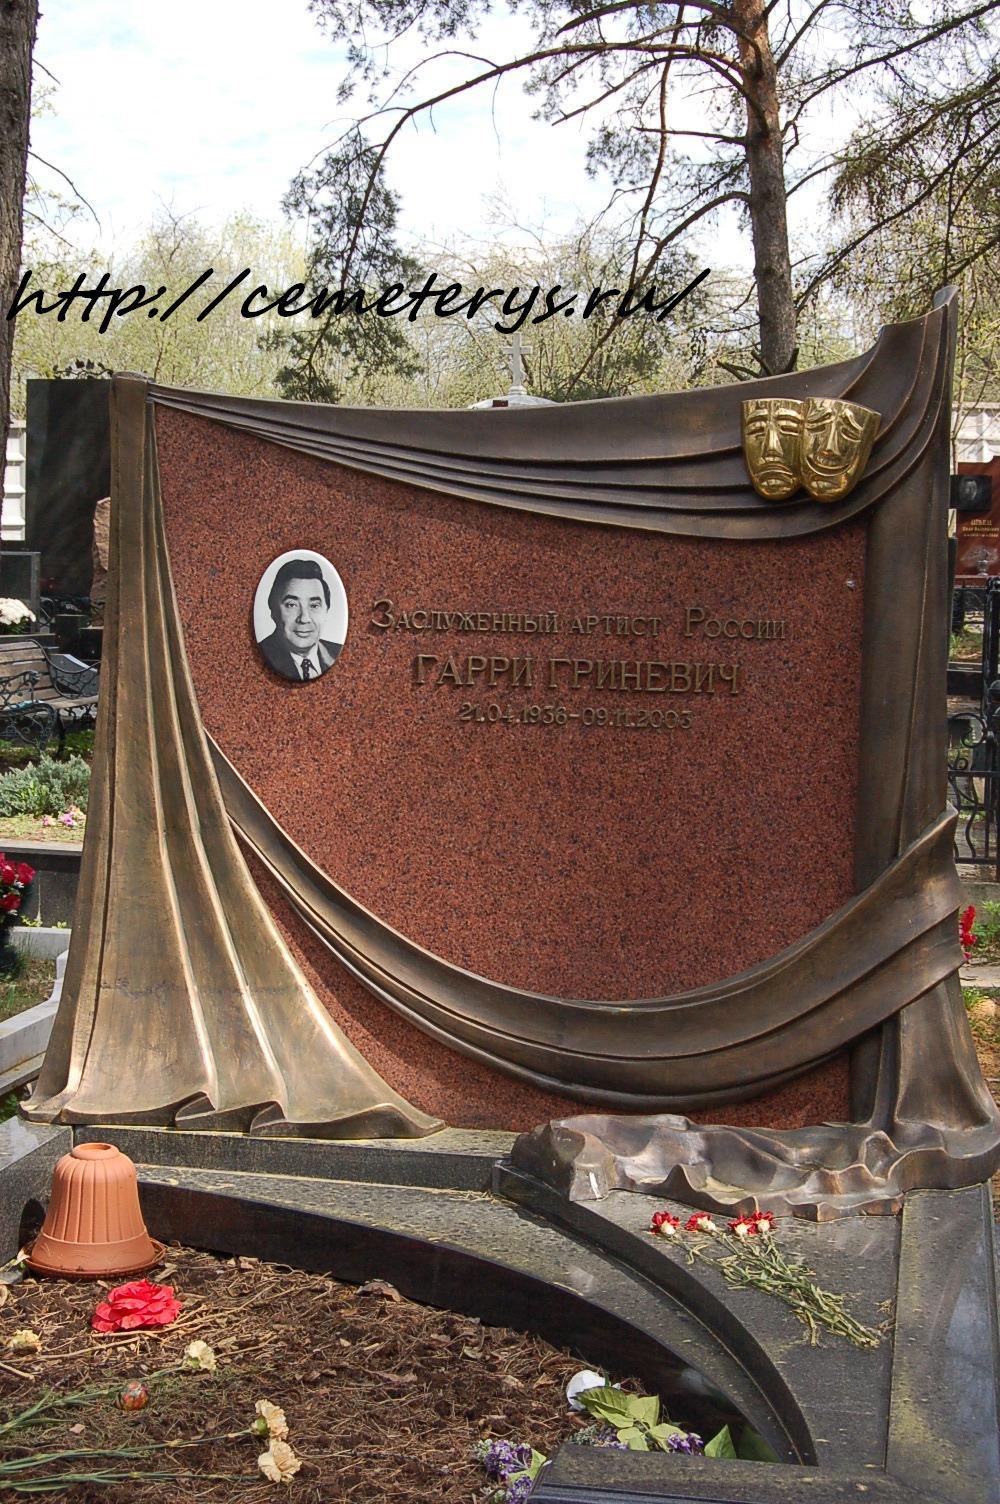 могила Гарри Гриневича на Троекуровском кладбище в Москве  (фото Дмитрия Кондратьева)